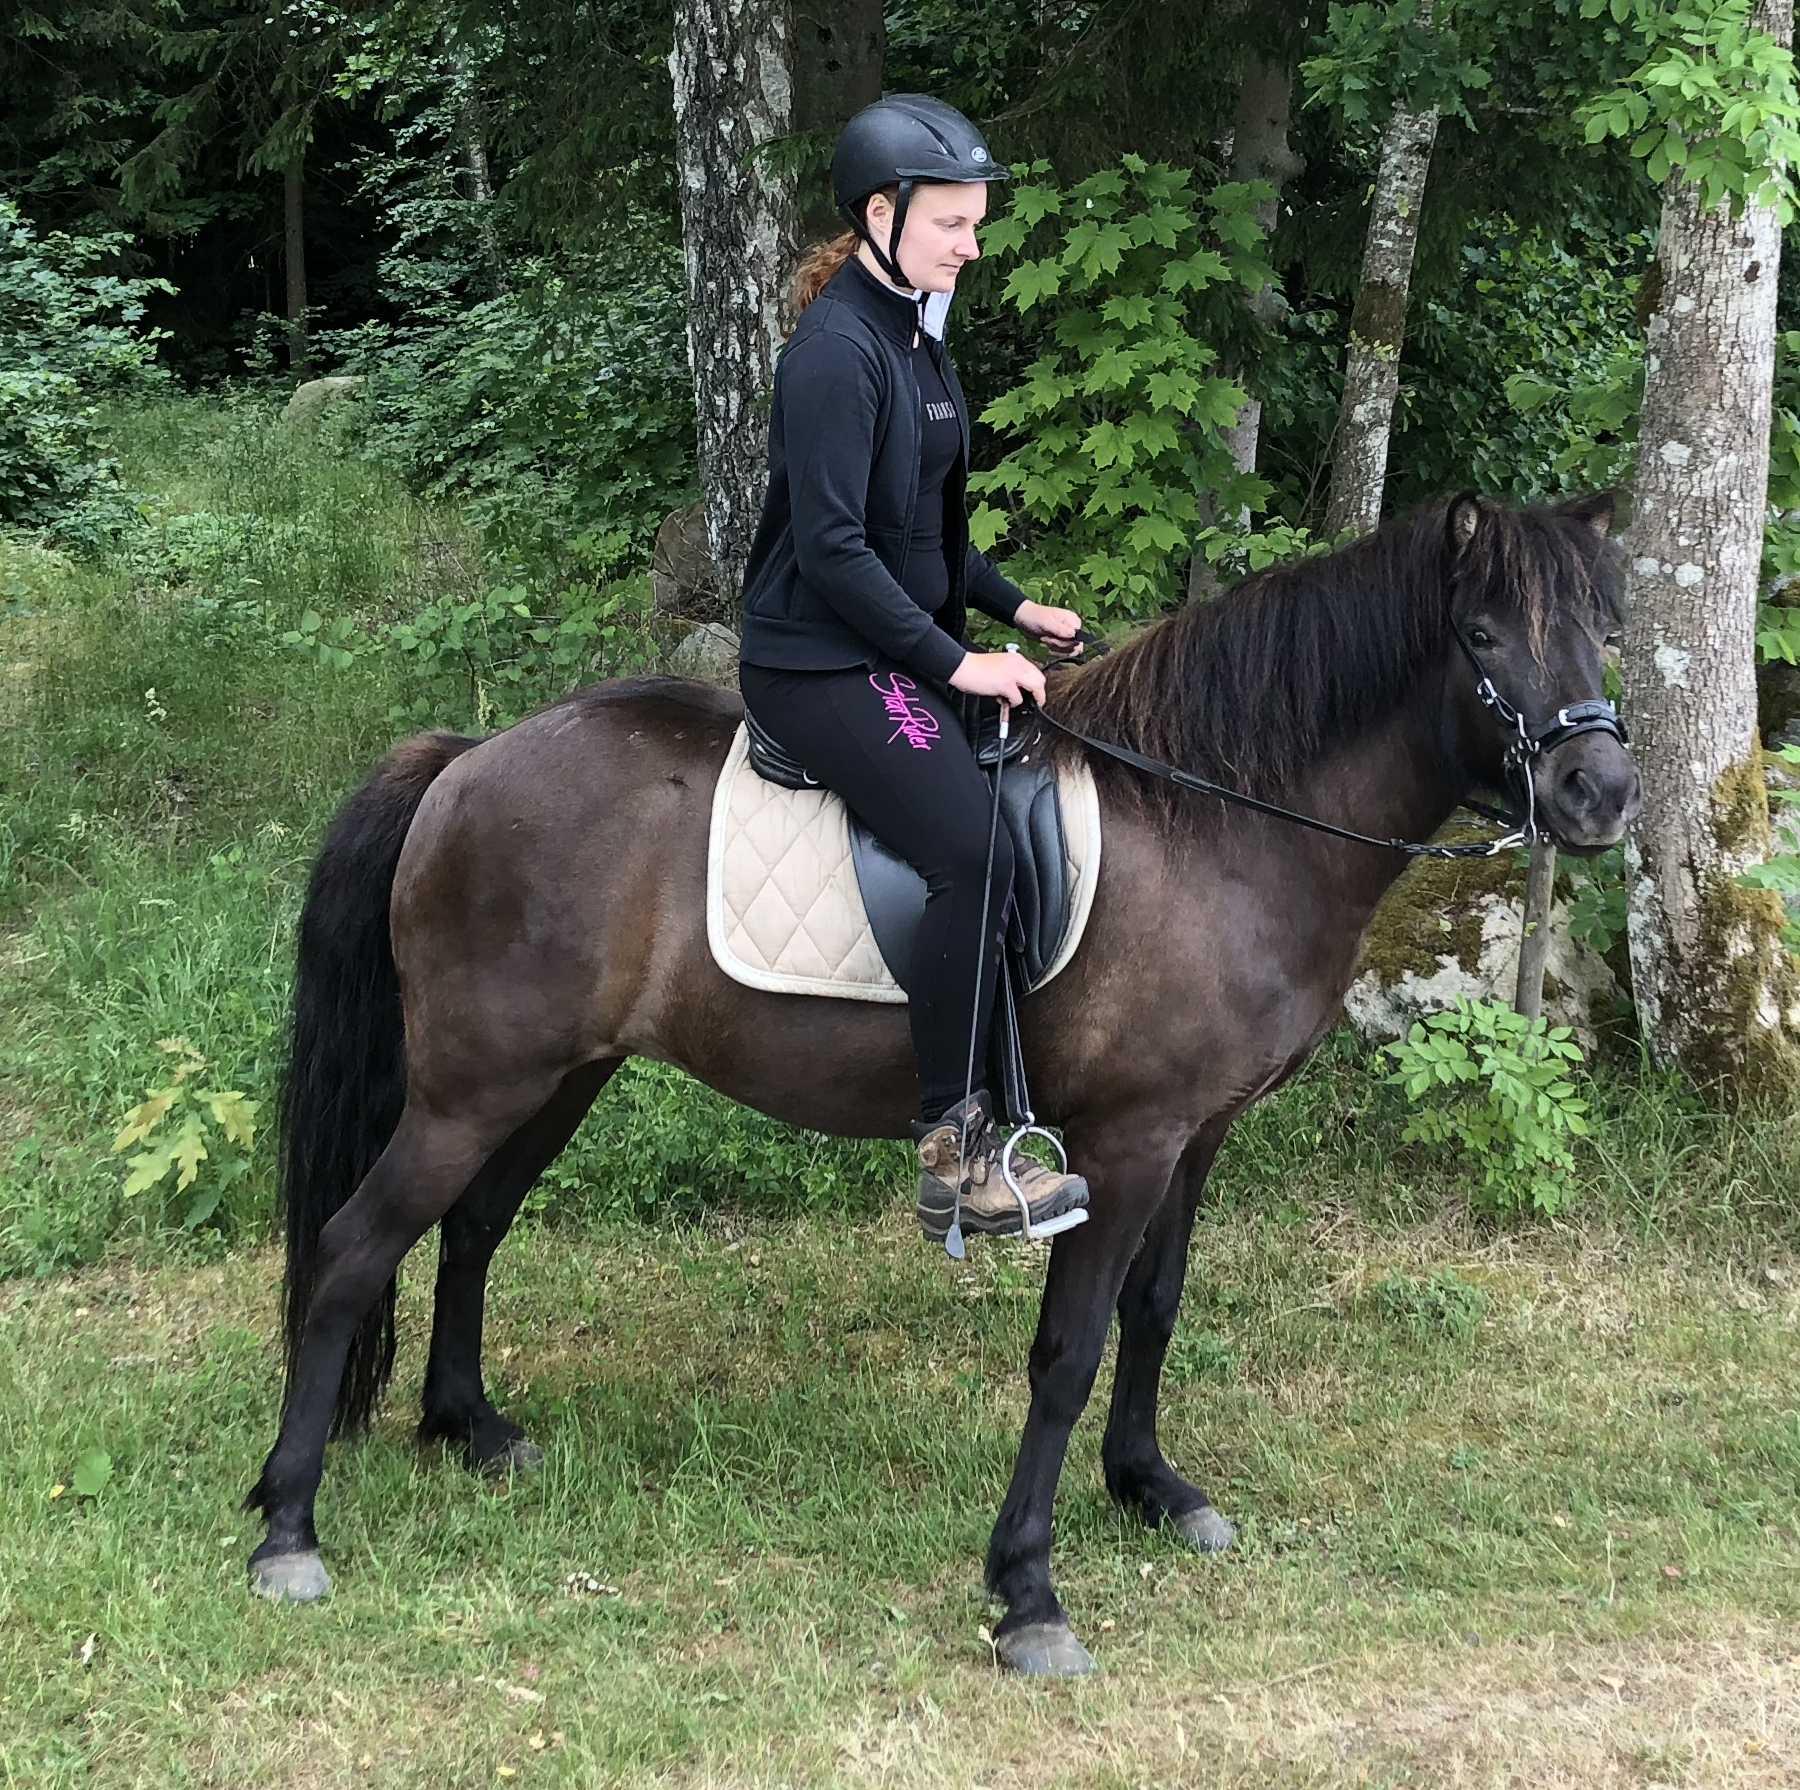 tomalina Our horses-sparrispislandshastar.com | 2020